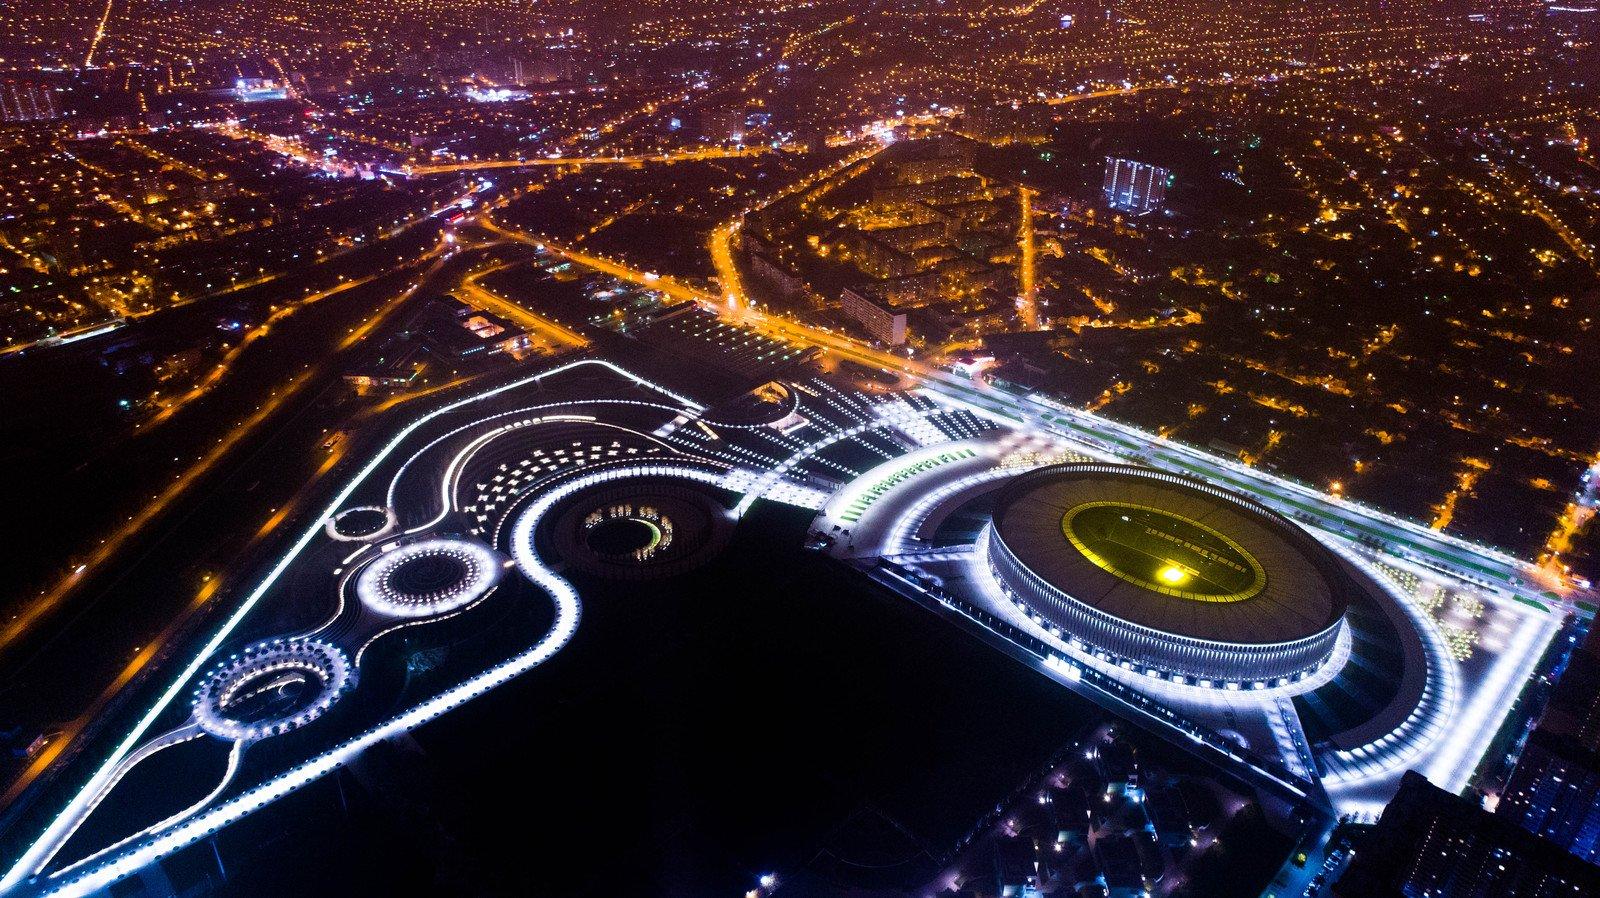 День рождения, картинки города краснодара красивые